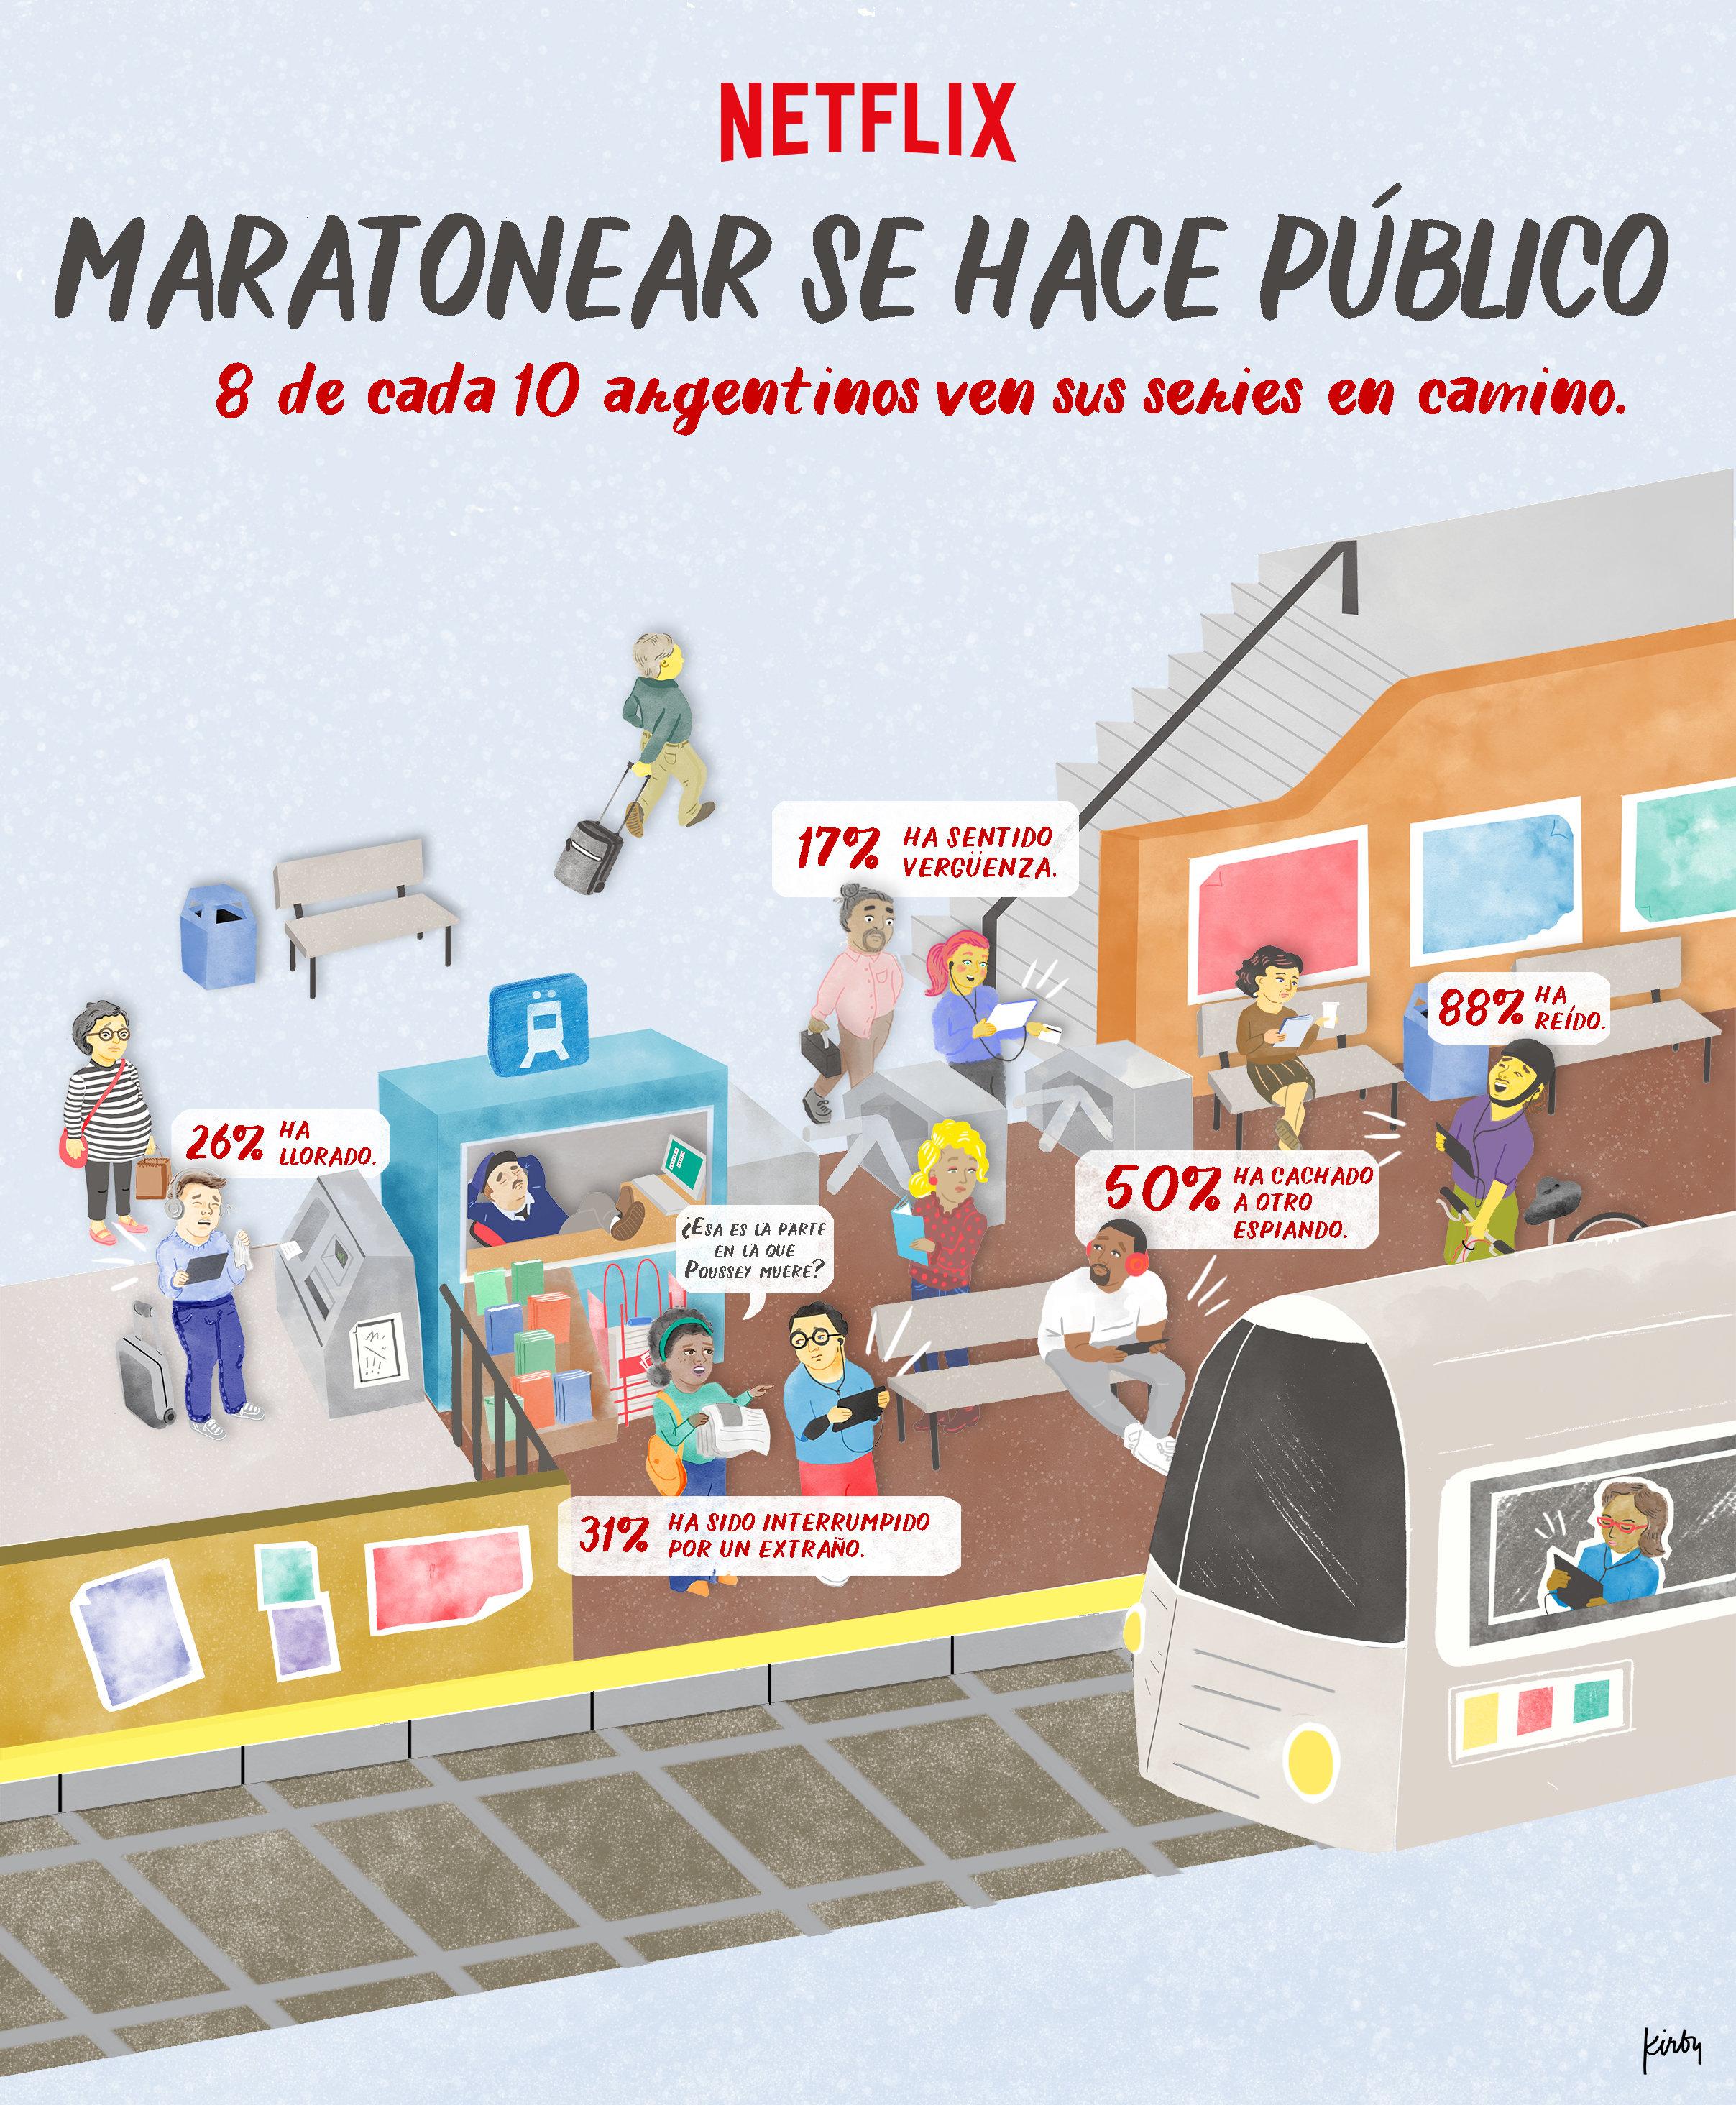 Netflix: 8 de cada 10 argentinos ven series en público